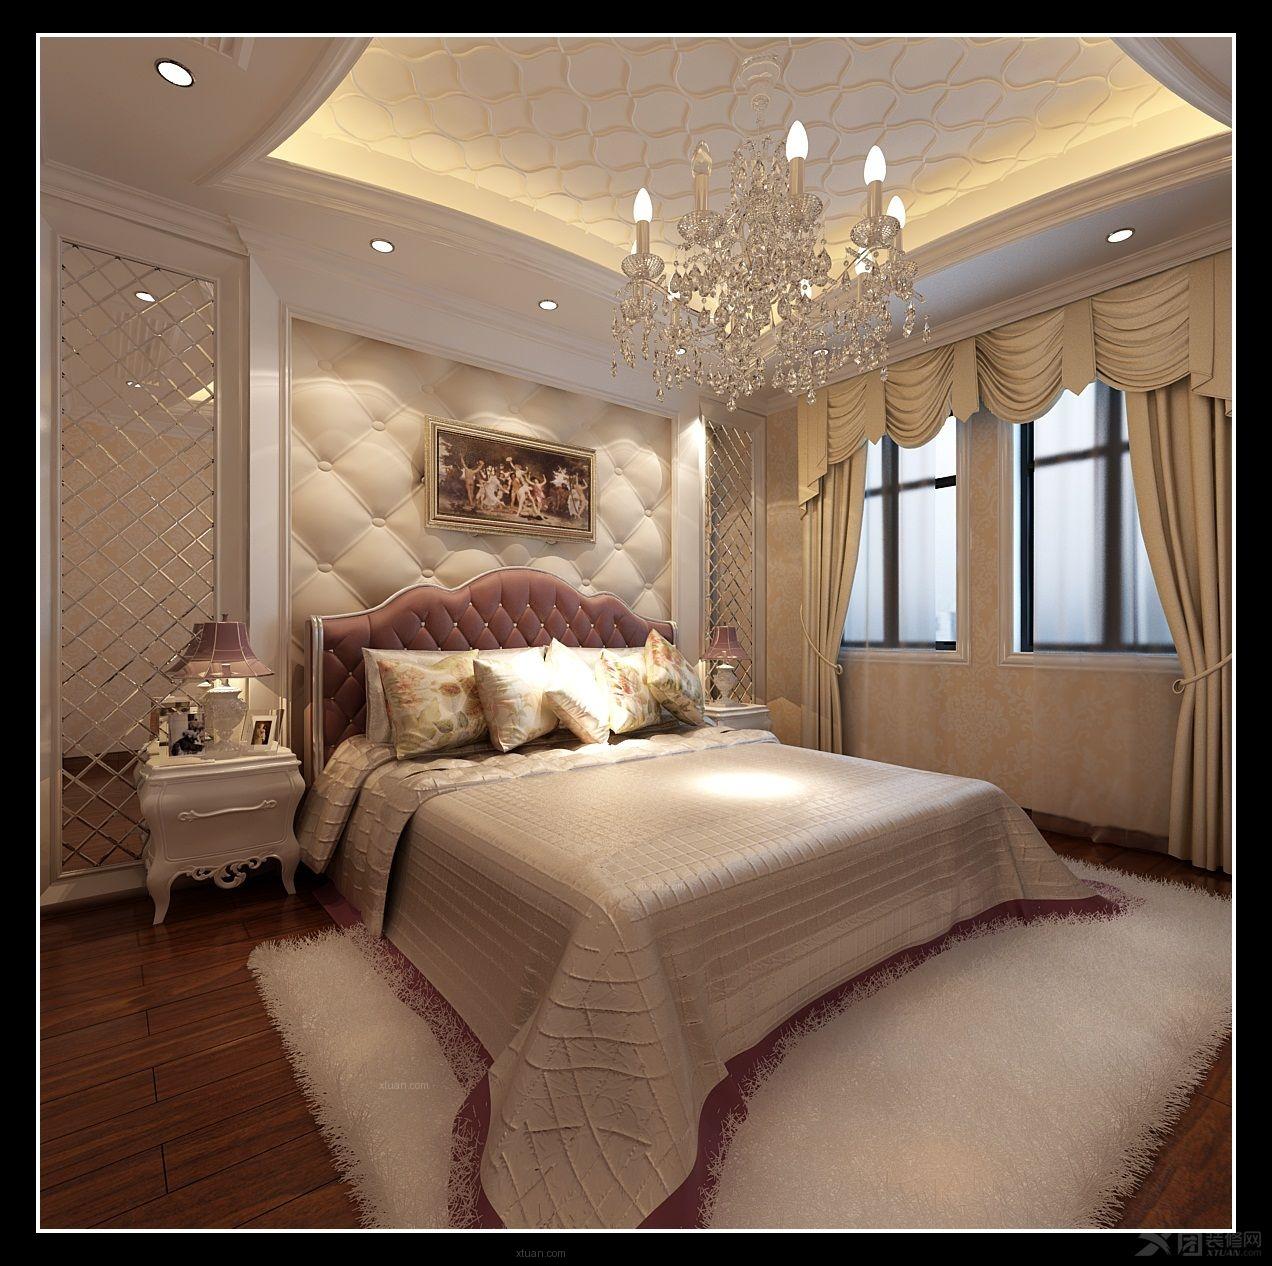 别墅欧式风格主卧室_托斯卡纳装修效果图-x团装修网图片